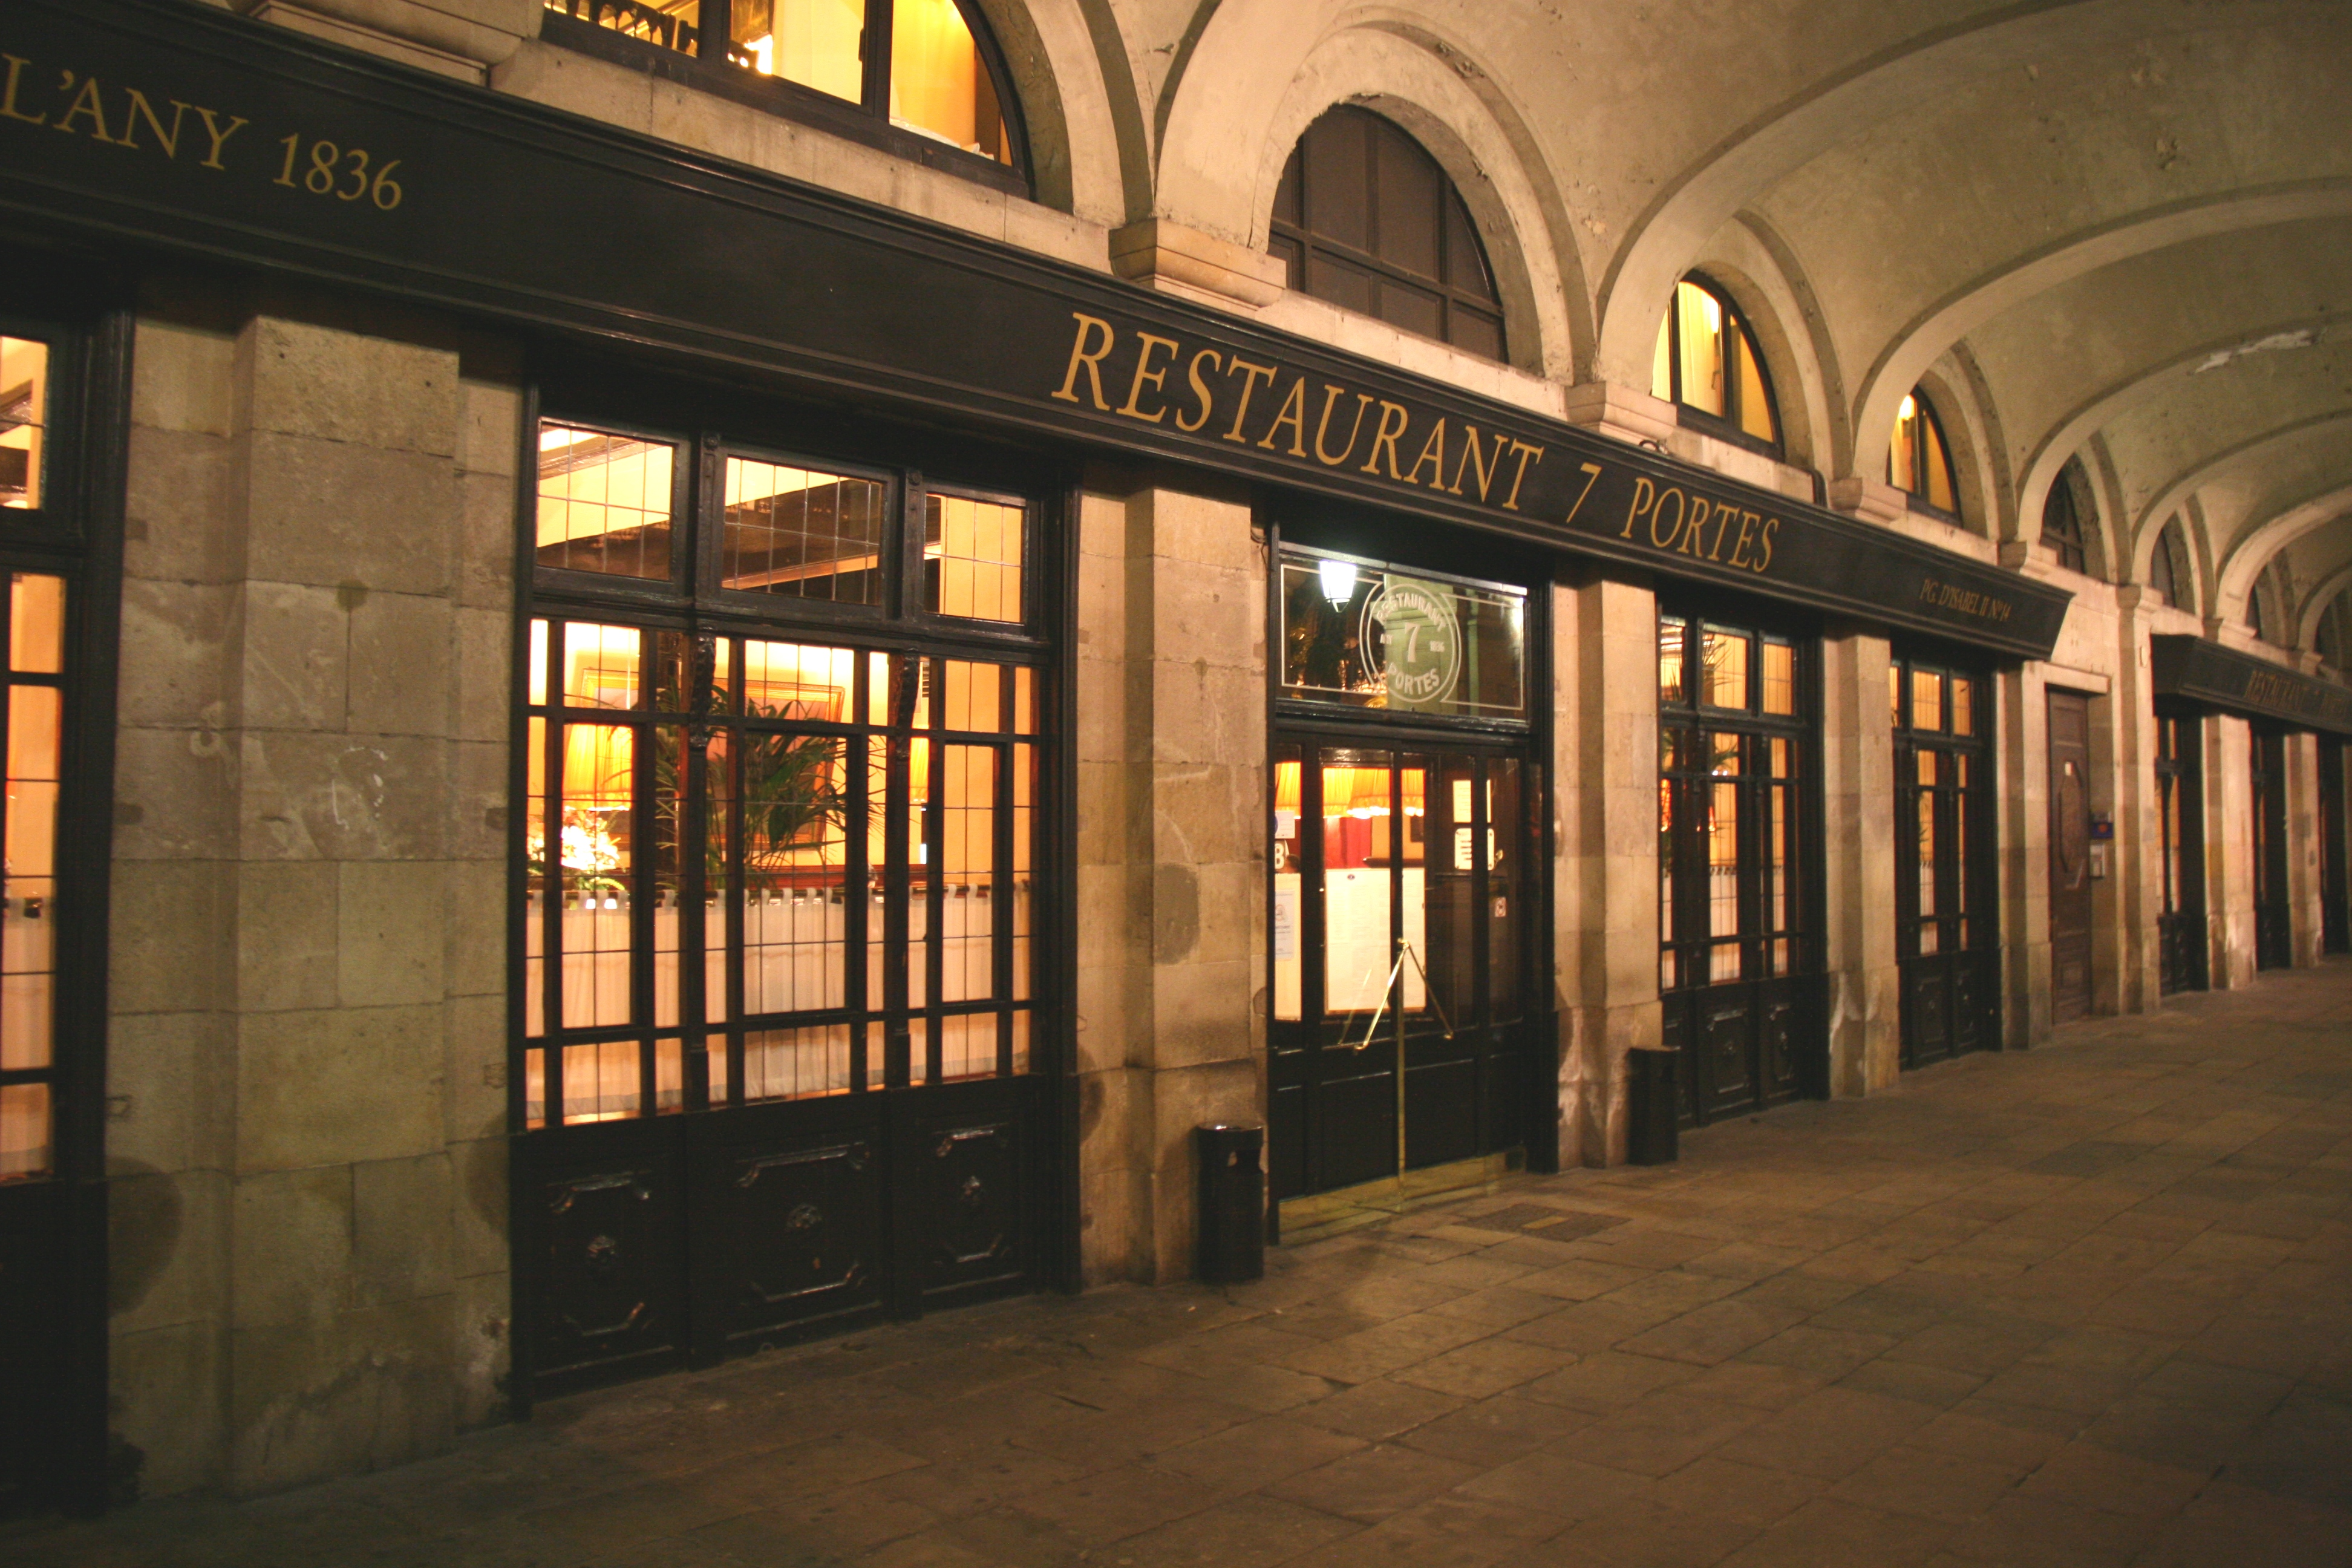 Restaurante 7 portes club de vacances bcn for 7 portes barcelona menu